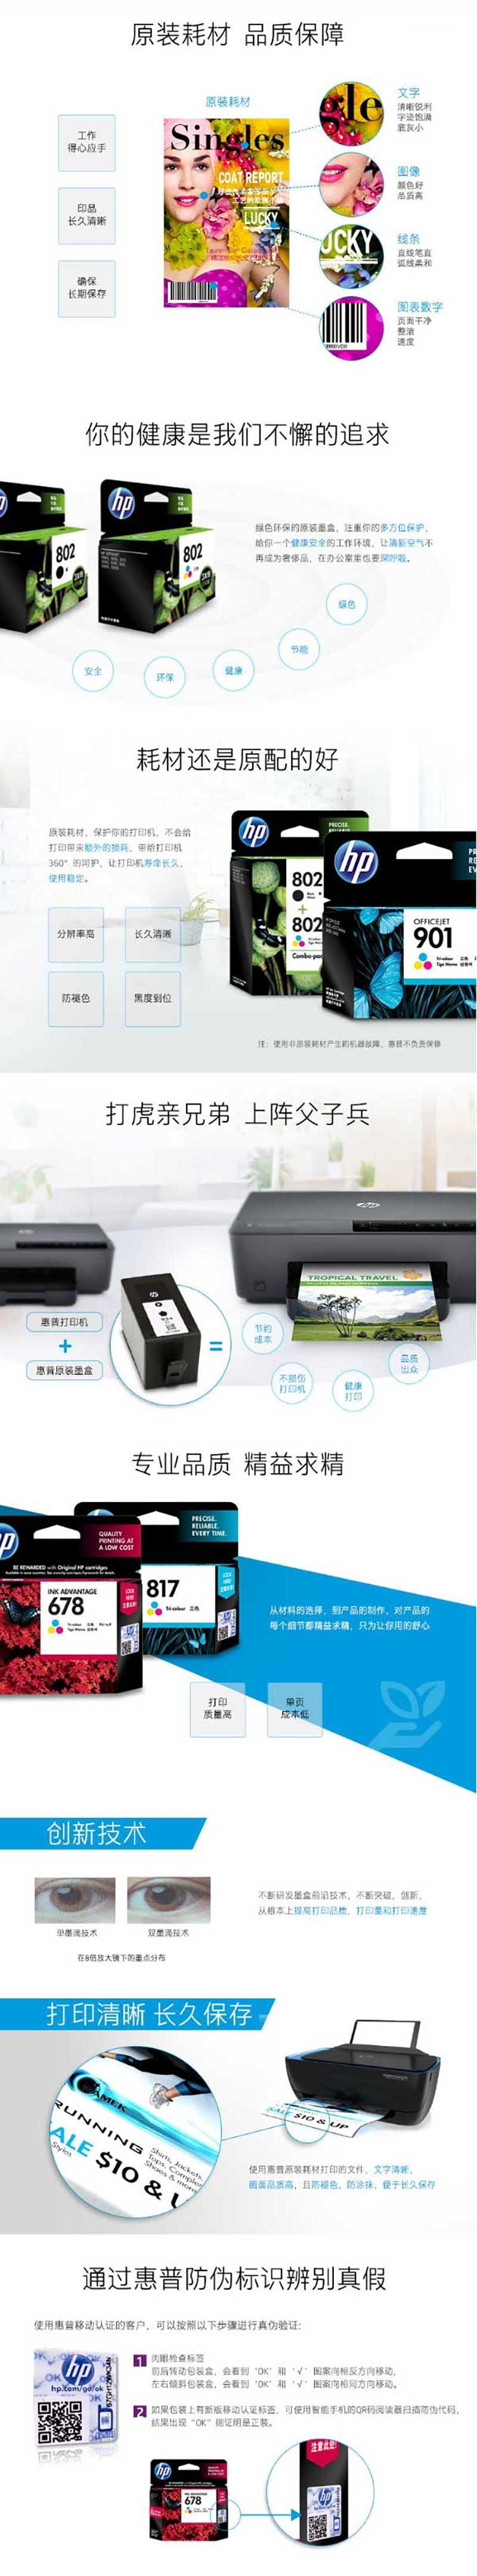 惠普 CH563ZZ 802 黑色墨盒 (适用Deskjet1050 2050 1000 2000 1010 1510)